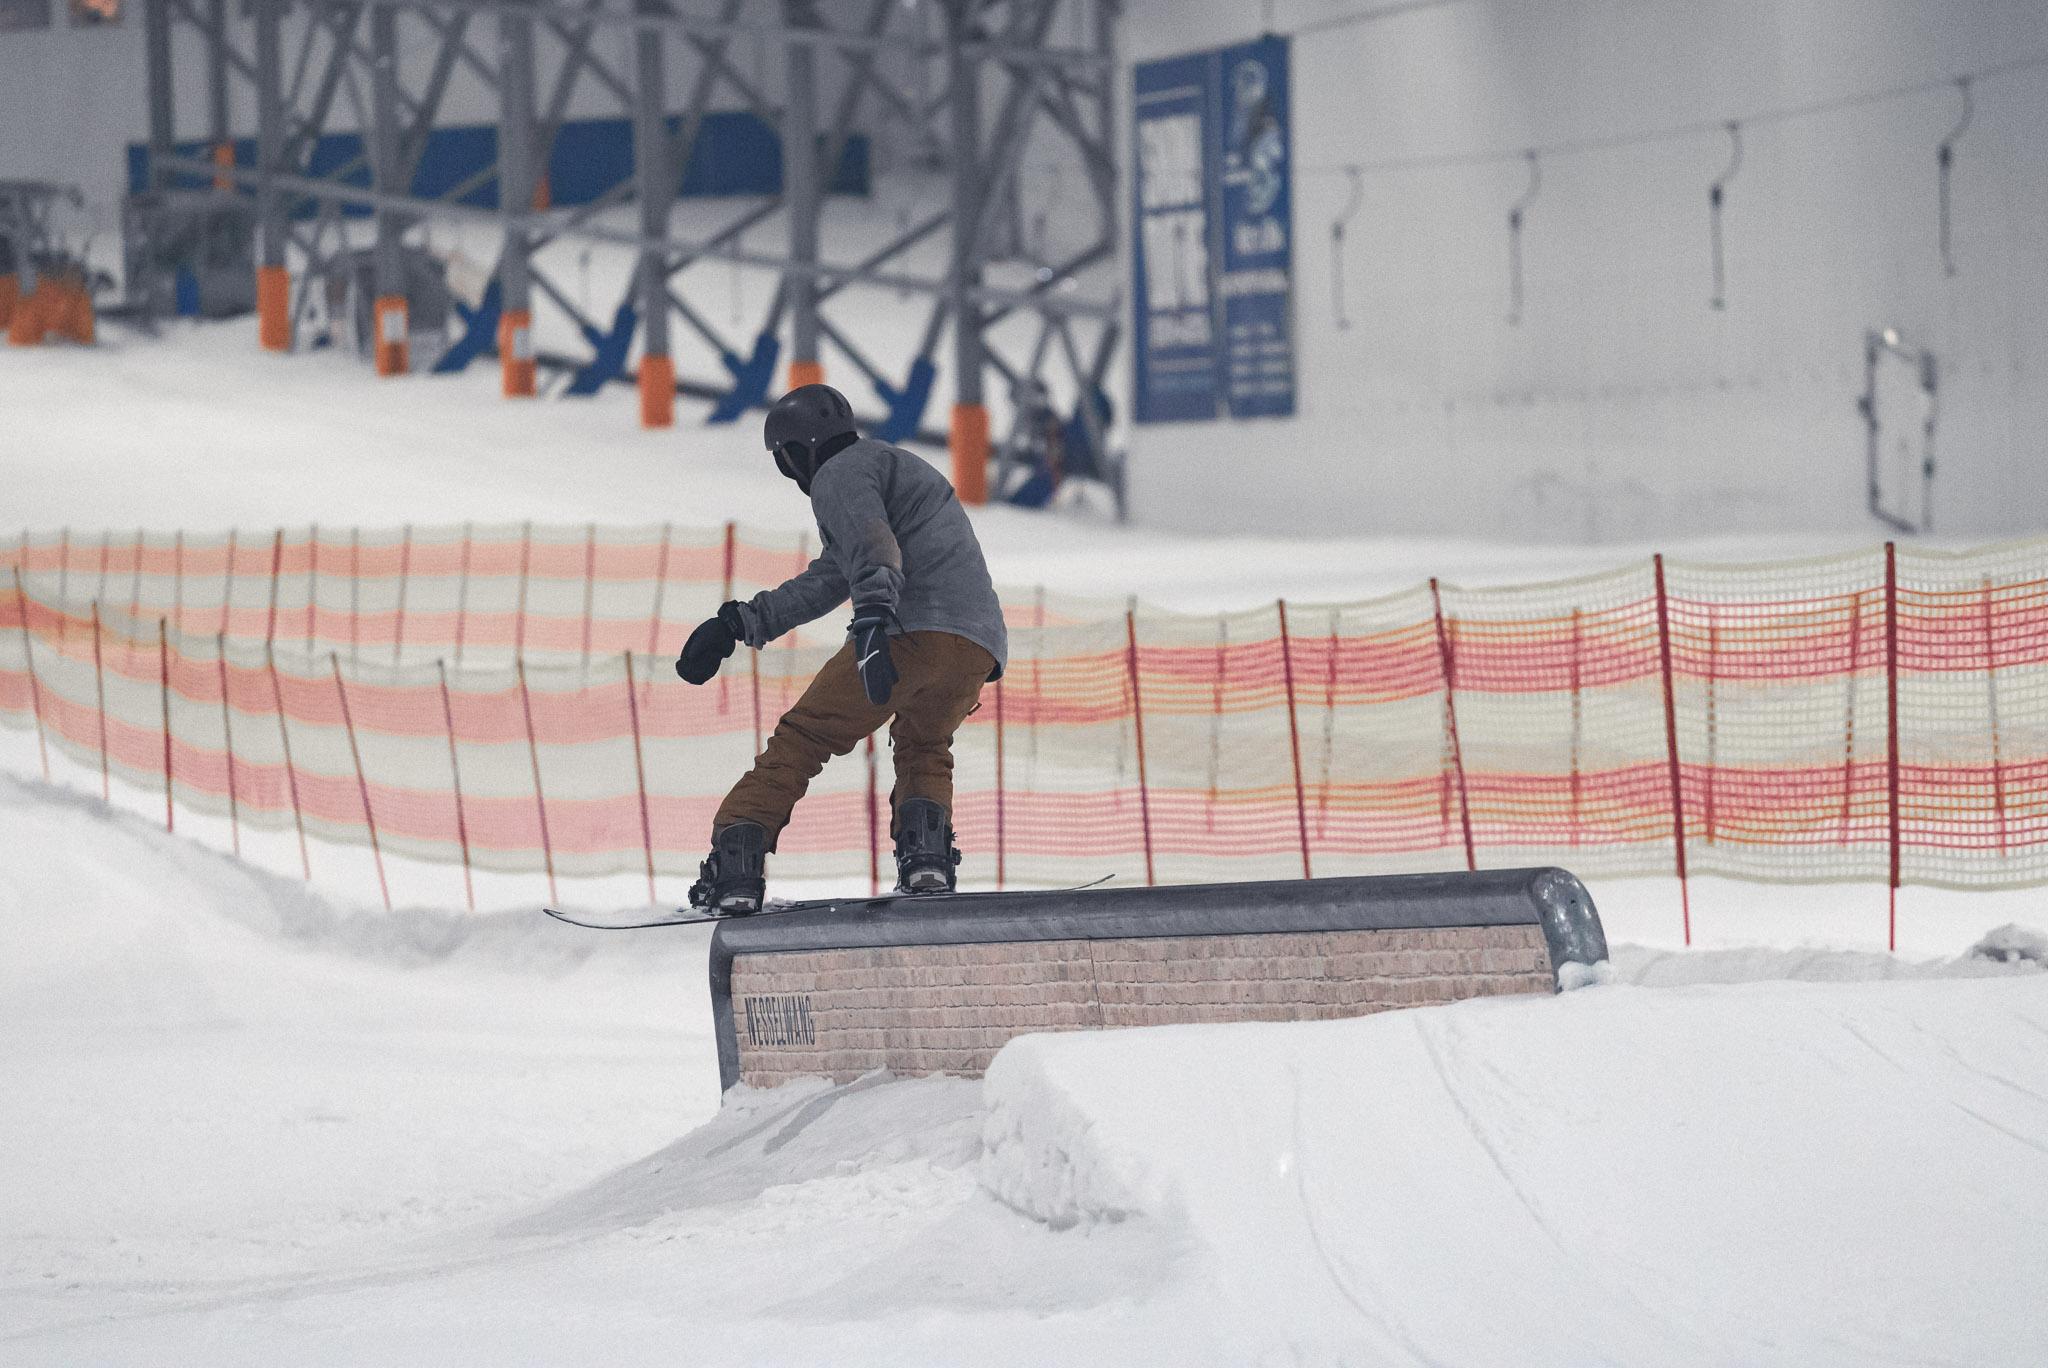 Durch die neue Kooperation mit dem Snowpark Nesselwang konnte das Setup des Snowpark Bispingen deutlich ausgebaut werden.